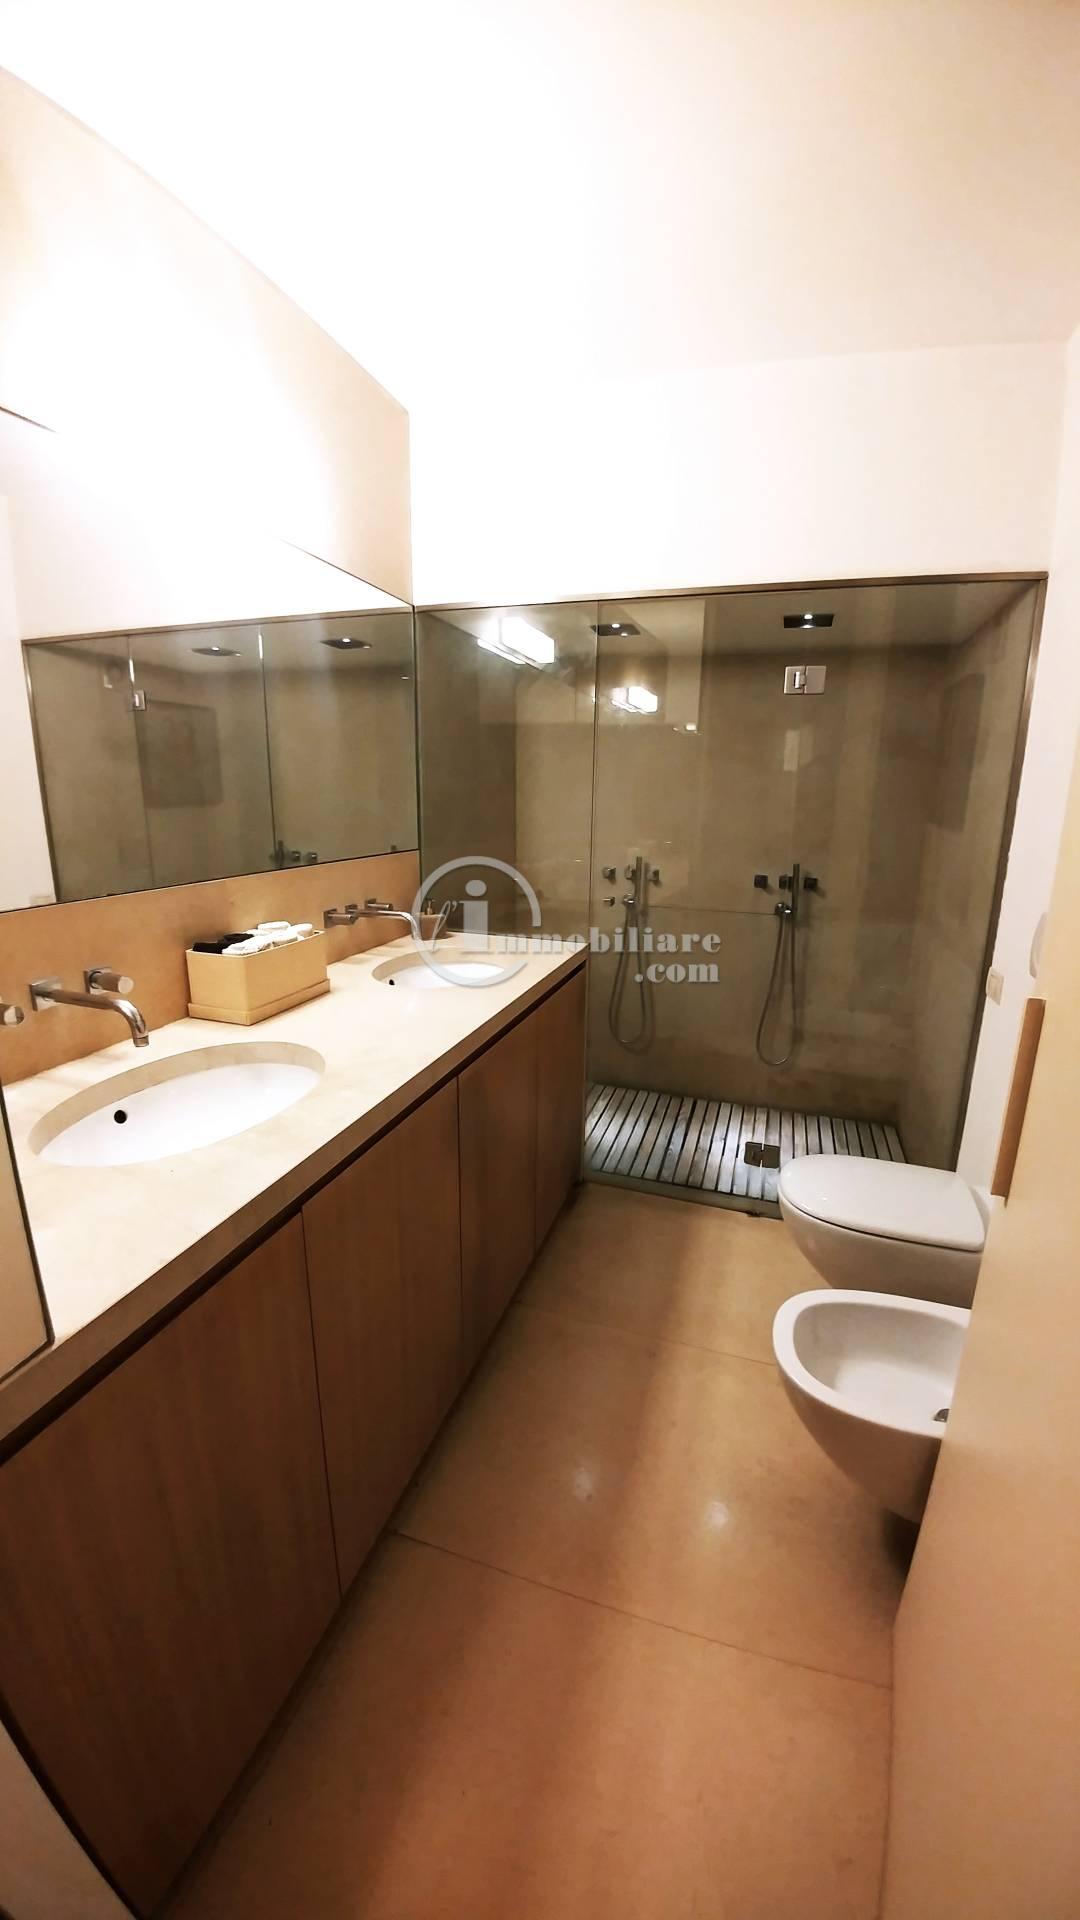 Appartamento in Vendita a Milano: 5 locali, 200 mq - Foto 15